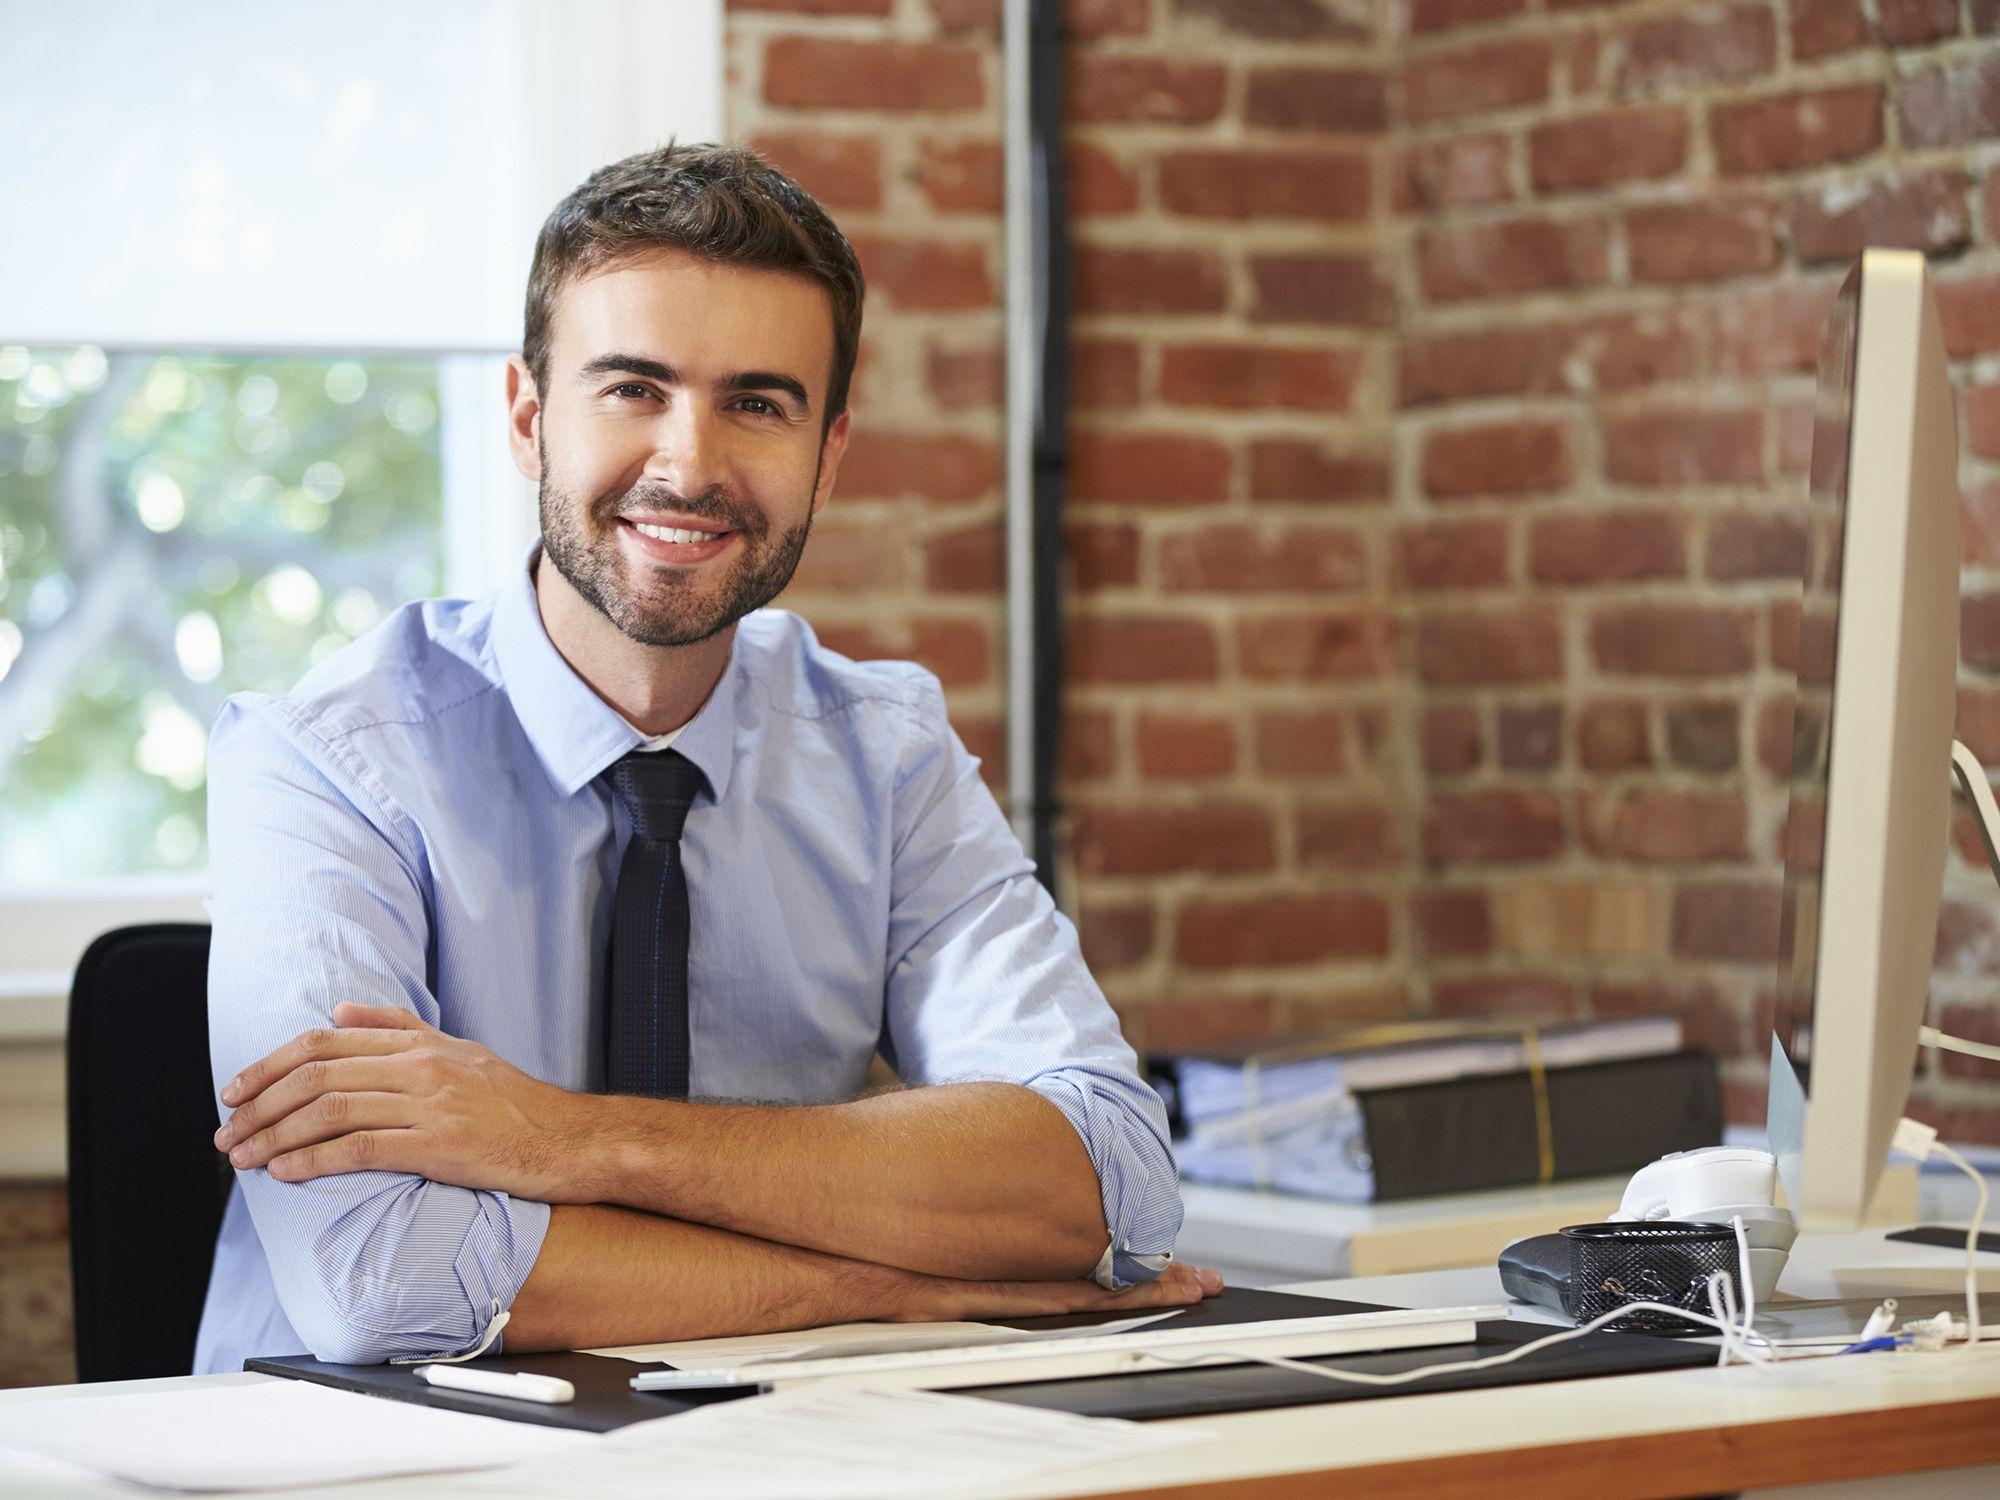 Level 1 - Büroleiter, Büromanager, Abteilungsleiter, Bereichsleiter, Betriebsleiter, Betriebsmeister, Bürovorsteher, Einkaufsleiter, Filialleiter, Gruppenleiter, Leiter, Produktionsleiter, Produktmanager, Teamleiter, Verkaufsleiter, Vertriebsleiter, Werkleiter, Werksleiter, Einsatzleiter, Projektleiter, Bürofachkraft und Bürokraft, Leiharbeiter, Zeitarbeiter, Leiharbeitnehmer, Leihkraft, Temporärarbeiter für Büros, Büroarbeit, Büroaufgaben, Bürotätigkeiten, Büroorganisation, Urlaubsvertretung und Rekrutierung bei uns als Personalagentur, Zeitarbeitsfirma, Zeitarbeitsunternehmen, Personal-Service-Agentur, Personaldienstleistungsagentur und Leiharbeitsfirma per Arbeitnehmer-Leasing, Arbeitnehmerüberlassung, Arbeitskräfte-Leasing, Arbeitskräfteüberlassung, Arbeitskraftüberlassung, Leiharbeit, Mitarbeiter-Leasing, Mitarbeiterleasing, Mitarbeiterüberlassung, Personaldienstleistung, Personalleasing, Personalüberlassung, Temporärarbeit, Zeitarbeit buchen, mieten, leihen oder langfristig neue Mitarbeiter für Jobs wie Schülerjobs, Ferienjobs, Aushilfsjobs, Studentenjobs, Werkstudentenjobs, Saisonjobs, Vollzeit Jobs, Teilzeit Jobs, Nebenjobs, Temporär Jobs, Gelegenheitsjobs per Personalvermittlung suchen, finden und vermittelt bekommen.